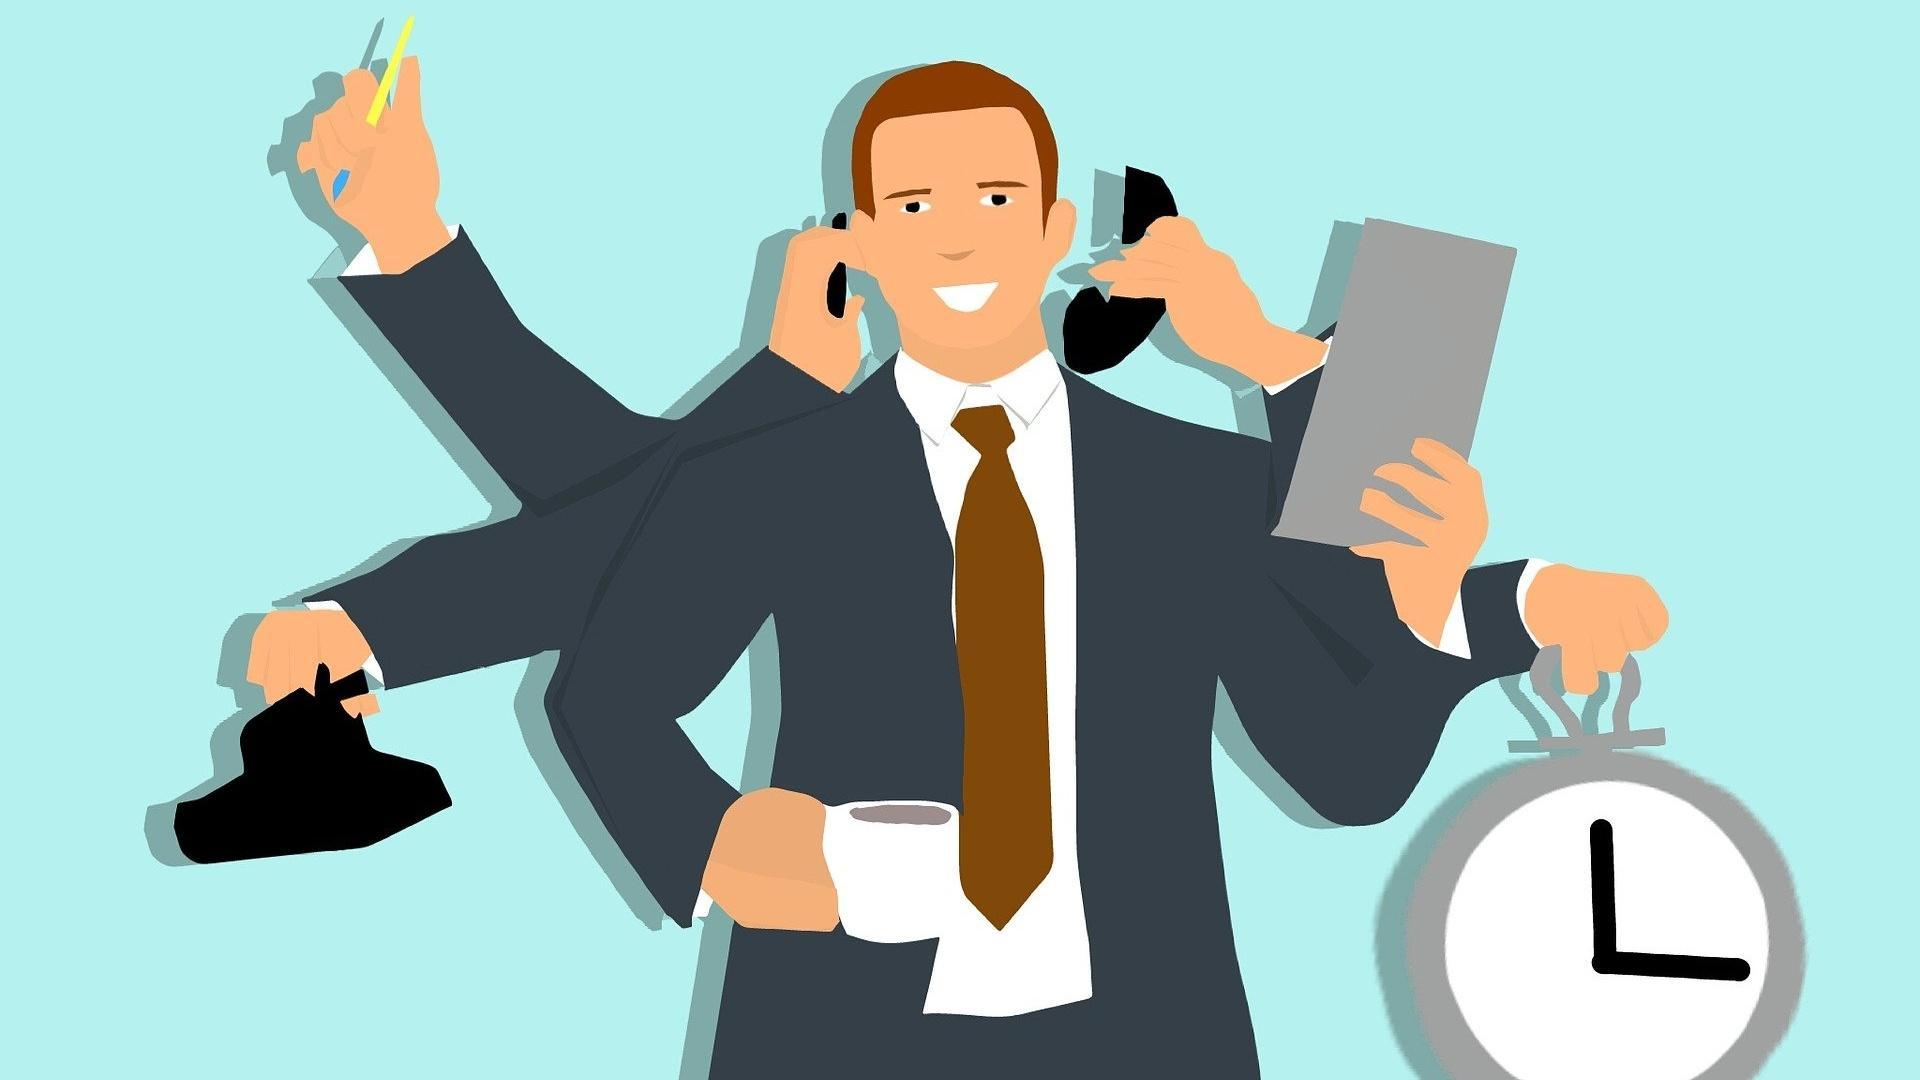 Der Beamte genießt viele Vorteile in seinem Beruf, hat aber auch mit zahlreichen Nachteilen zu kämpfen.